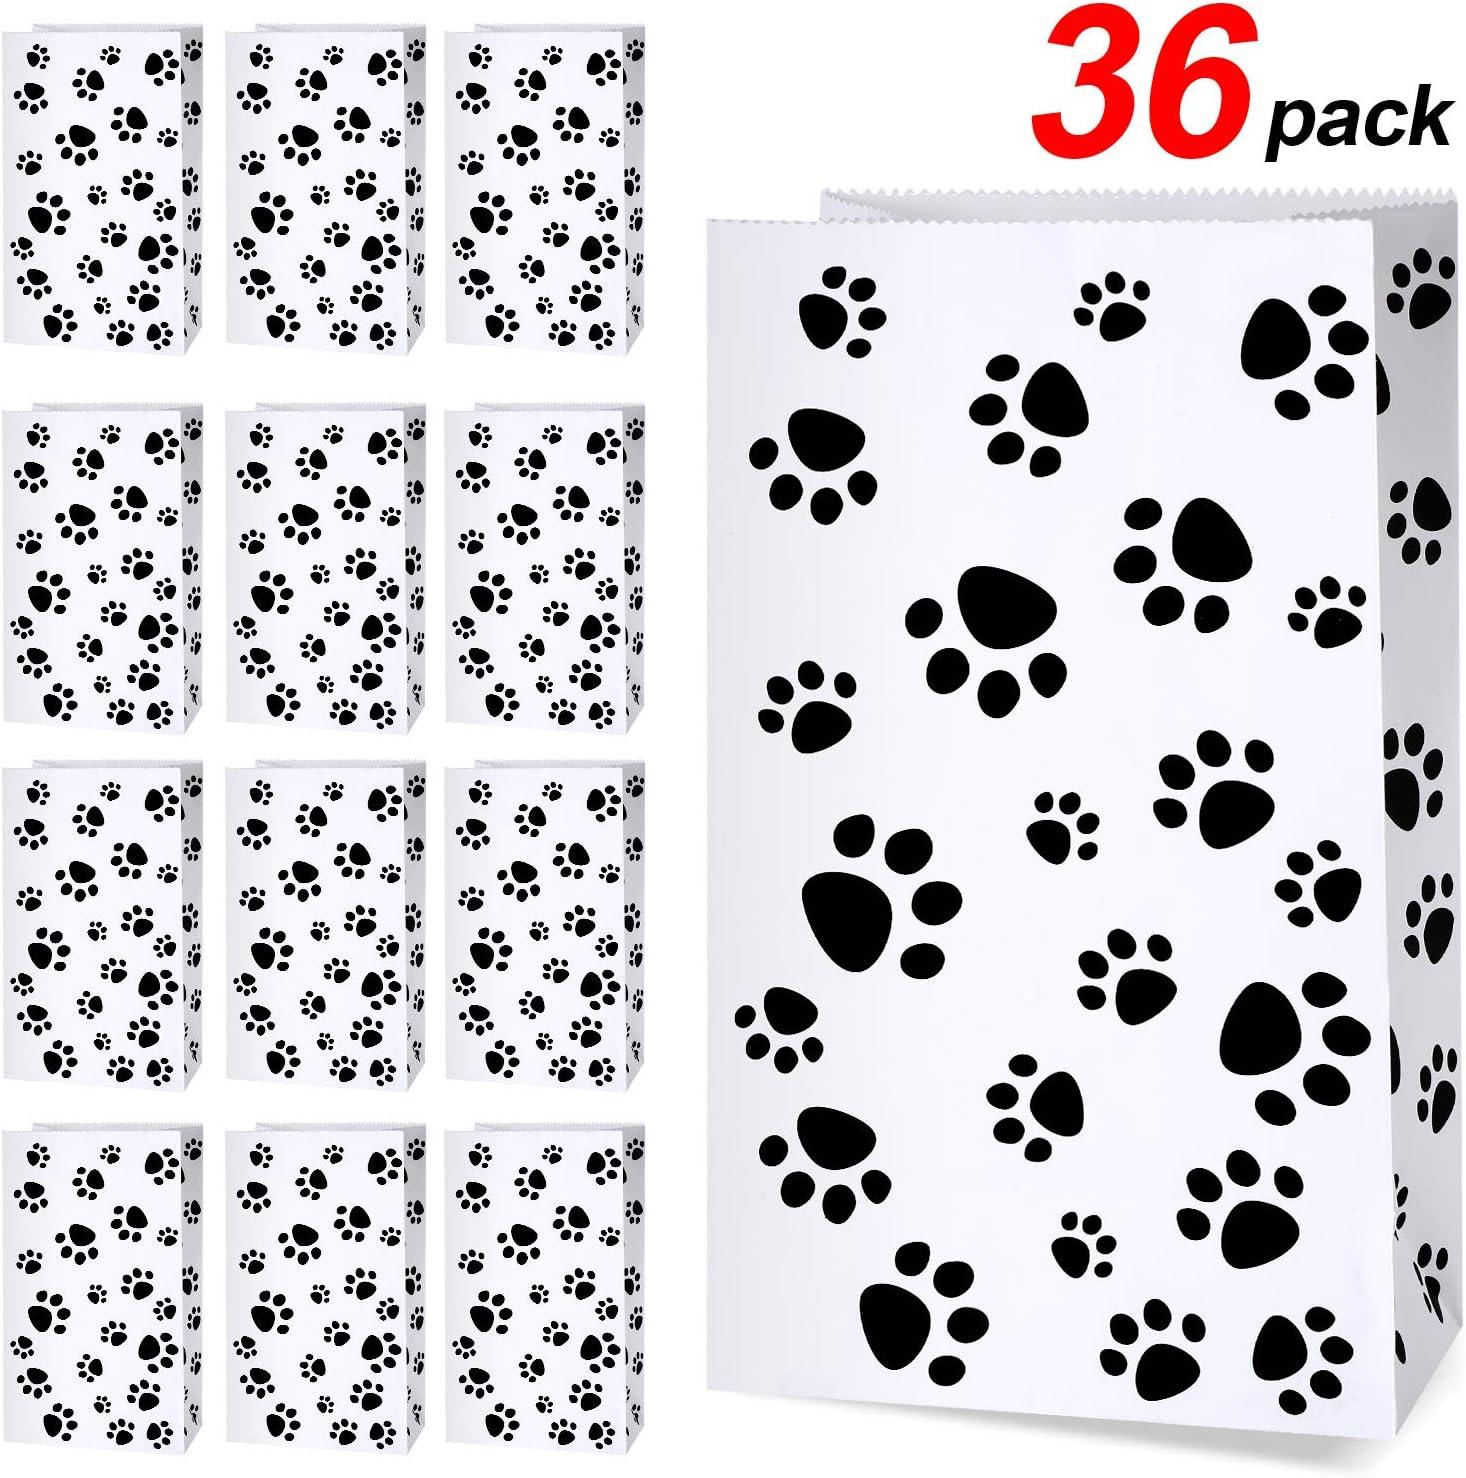 Bolsa de Regalo con Patrón de Patas de Perro Bolsa de Papel de Tratamientos Bolsa de Gato para Favores de Fiesta de Mascotas, 36 Piezas